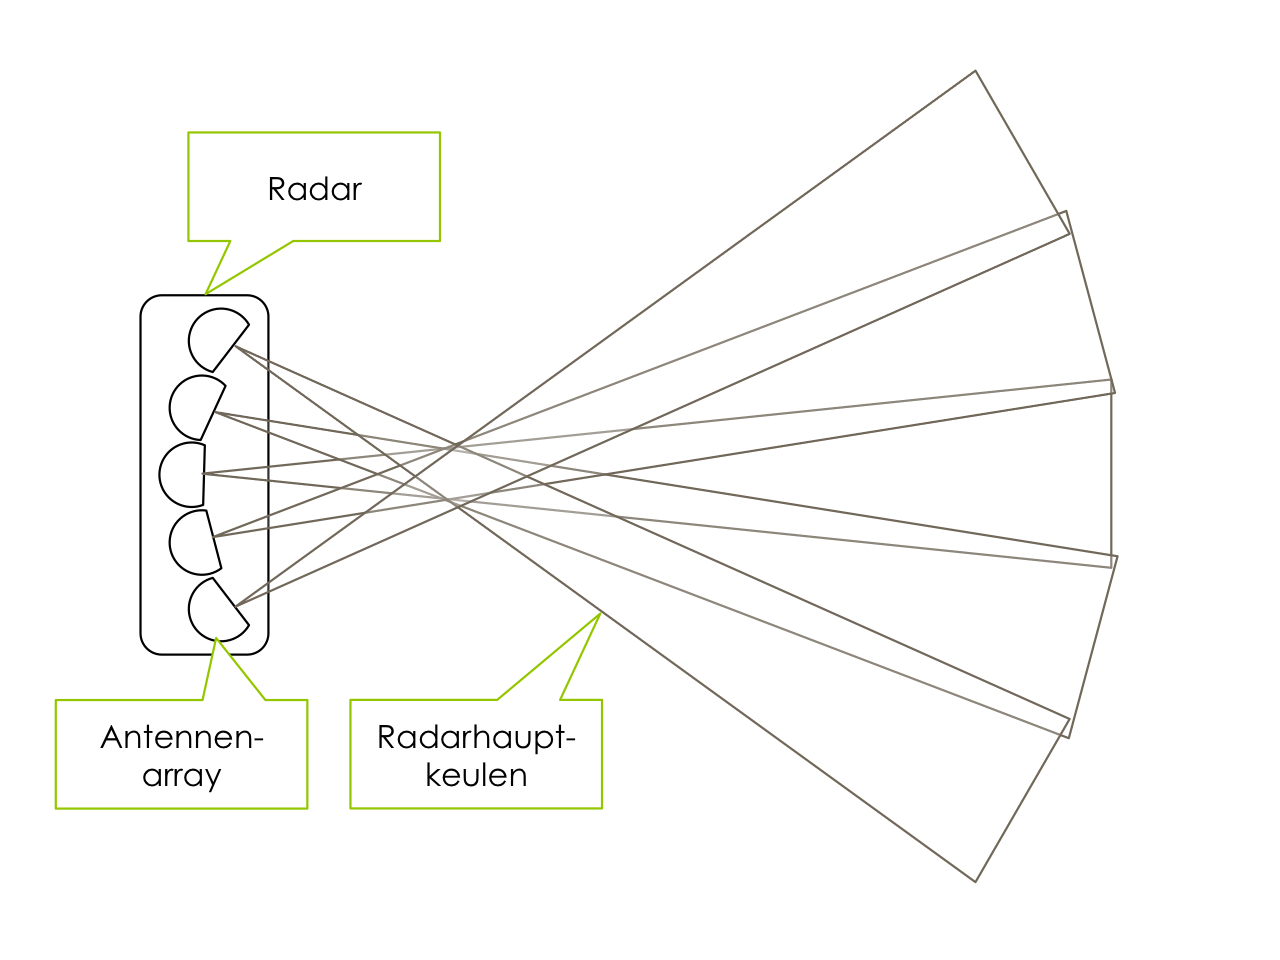 Schematischer Aufbau eines Radar Sensors in Draufsicht | unter CC-BY-SA2.0 Lizenz Motorblog http://cbcity.de